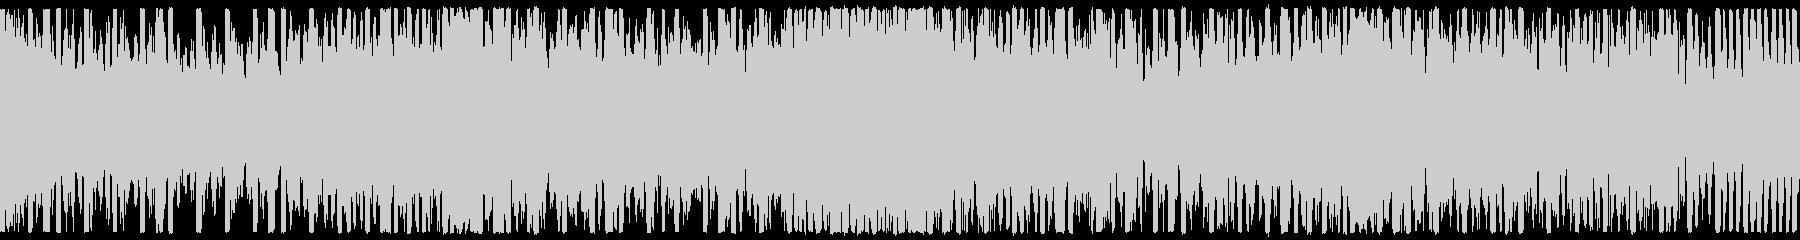 EDM、サイバー系ゲーム等、ループ①の未再生の波形